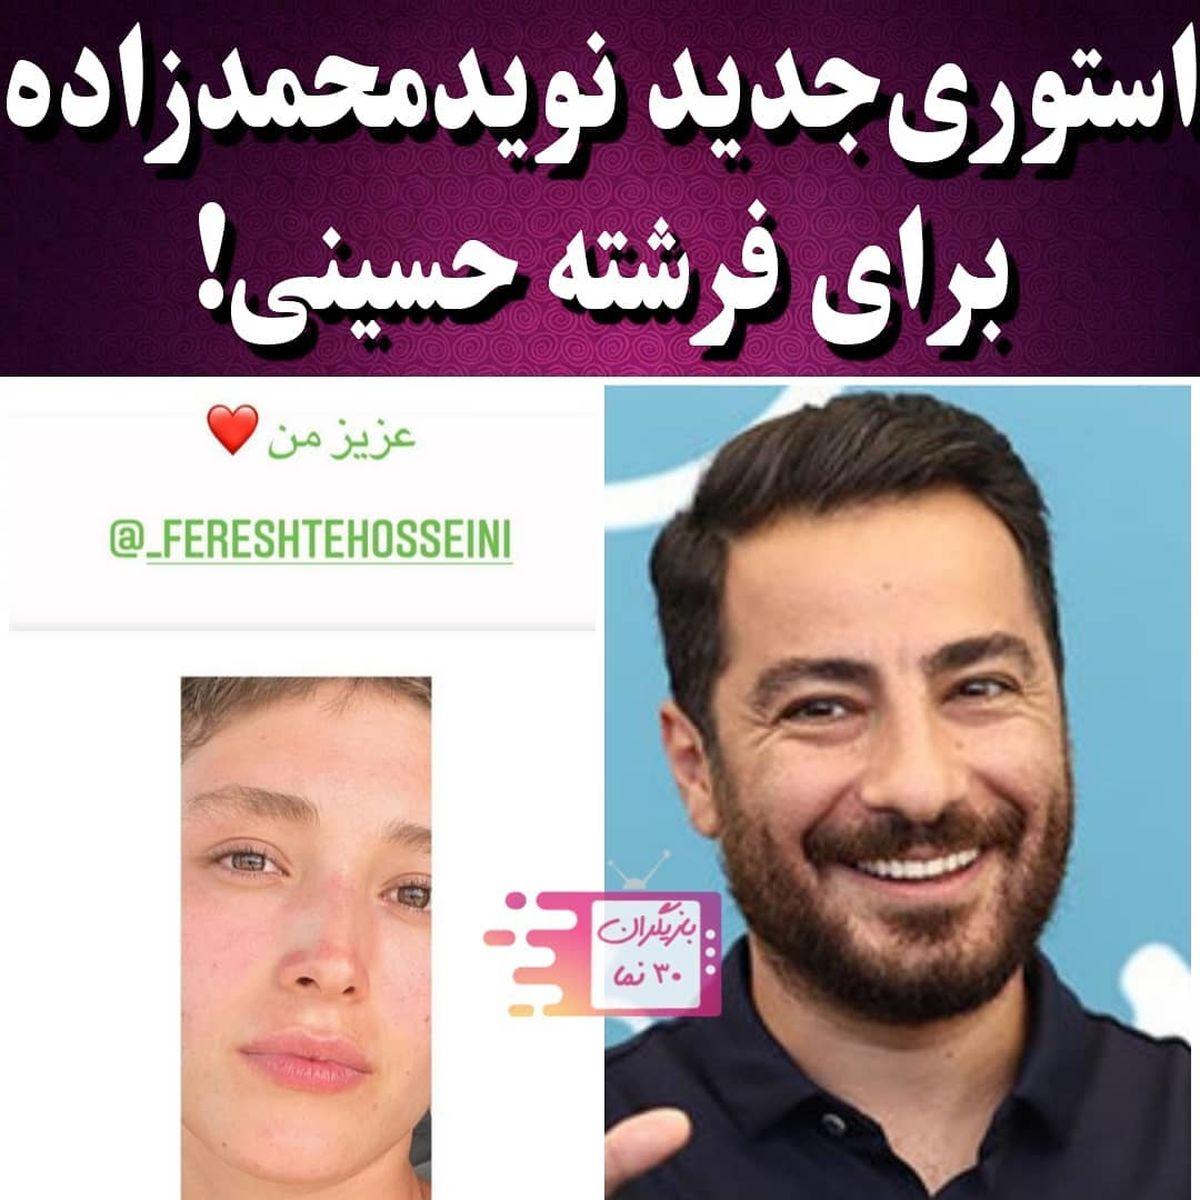 عکس عاشقانه نوید محمد زاده برای فرشته حسینی !